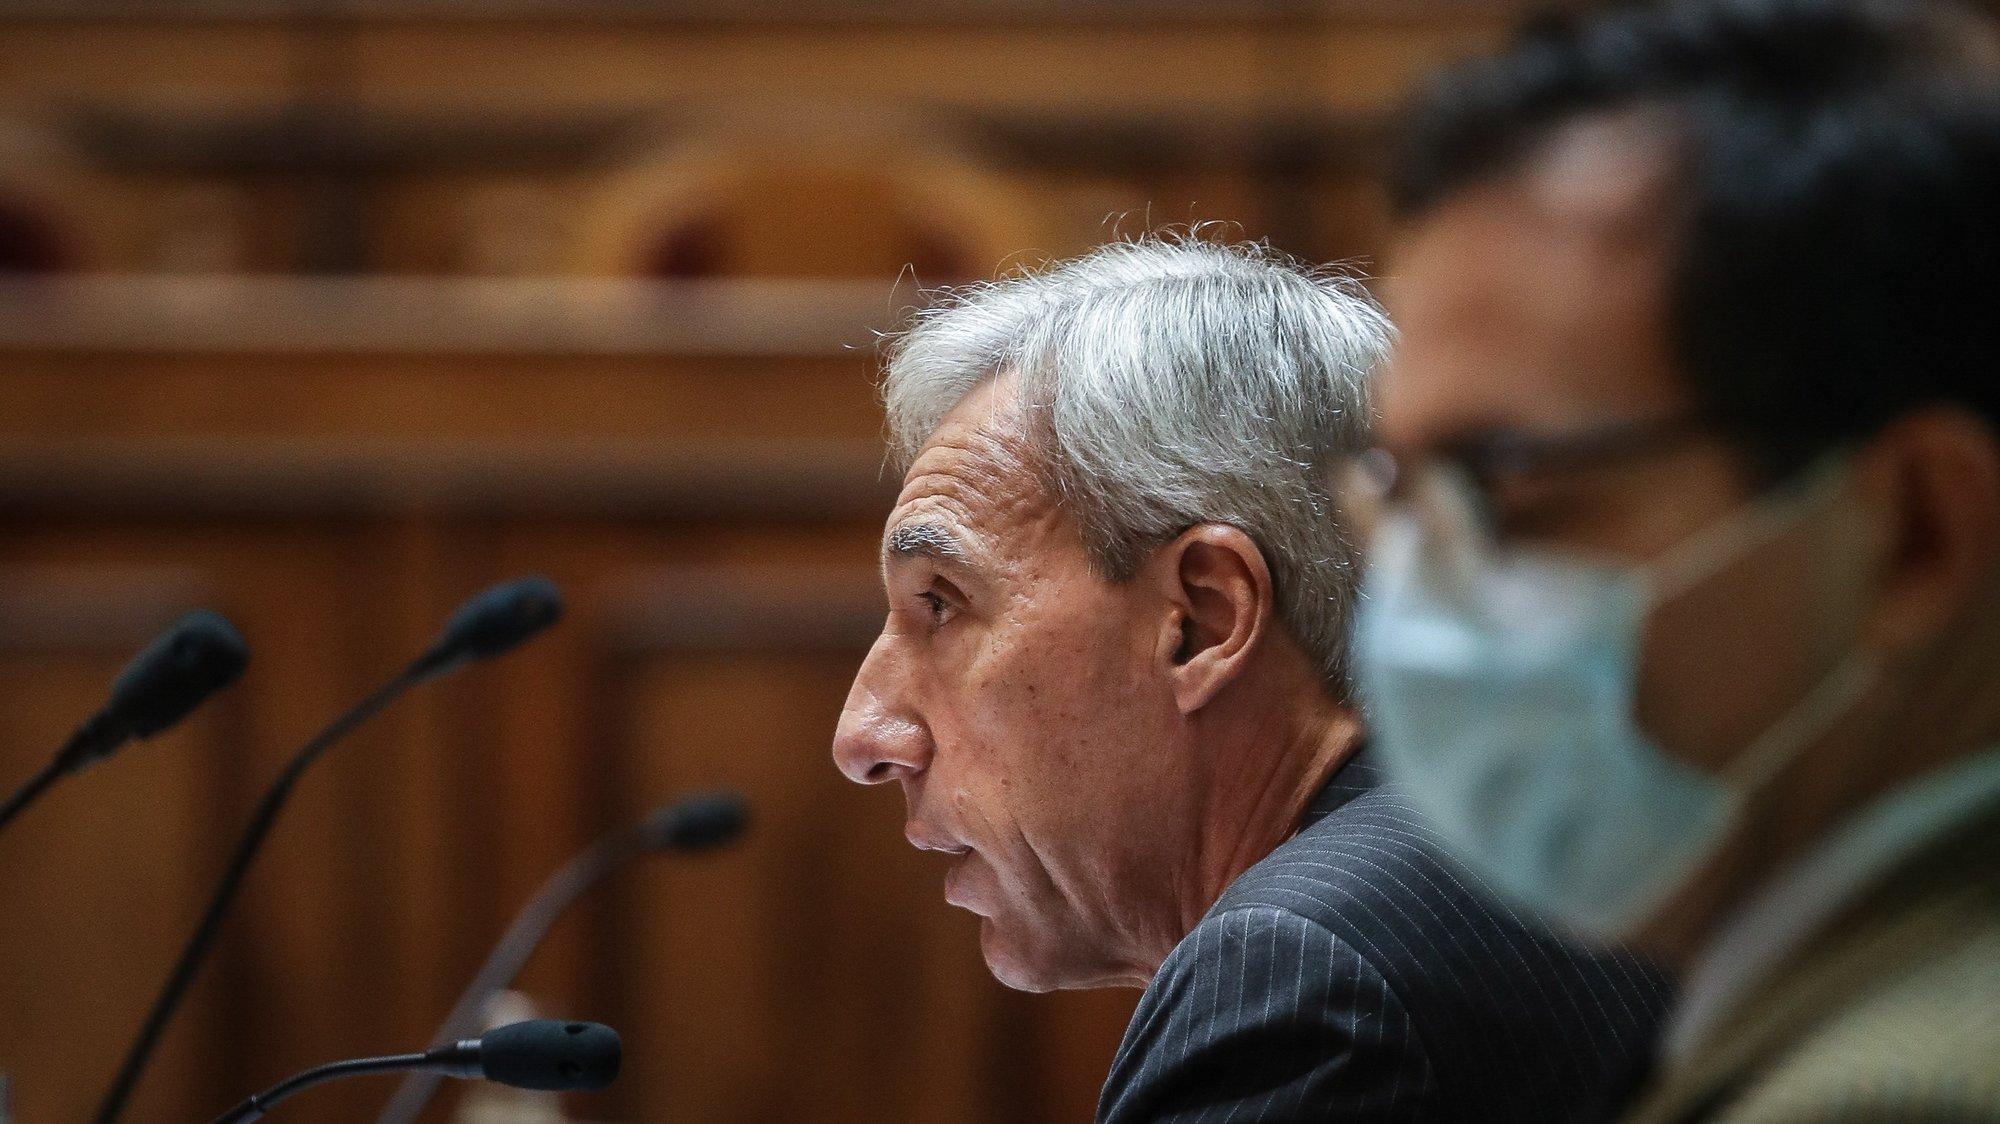 O ministro da Defesa Nacional, João Gomes Cravinho, durante a sua audição perante a Comissão de Defesa Nacional, na Assembleia da República, em Lisboa, 16 de dezembro de 2020. MÁRIO CRUZ/LUSA